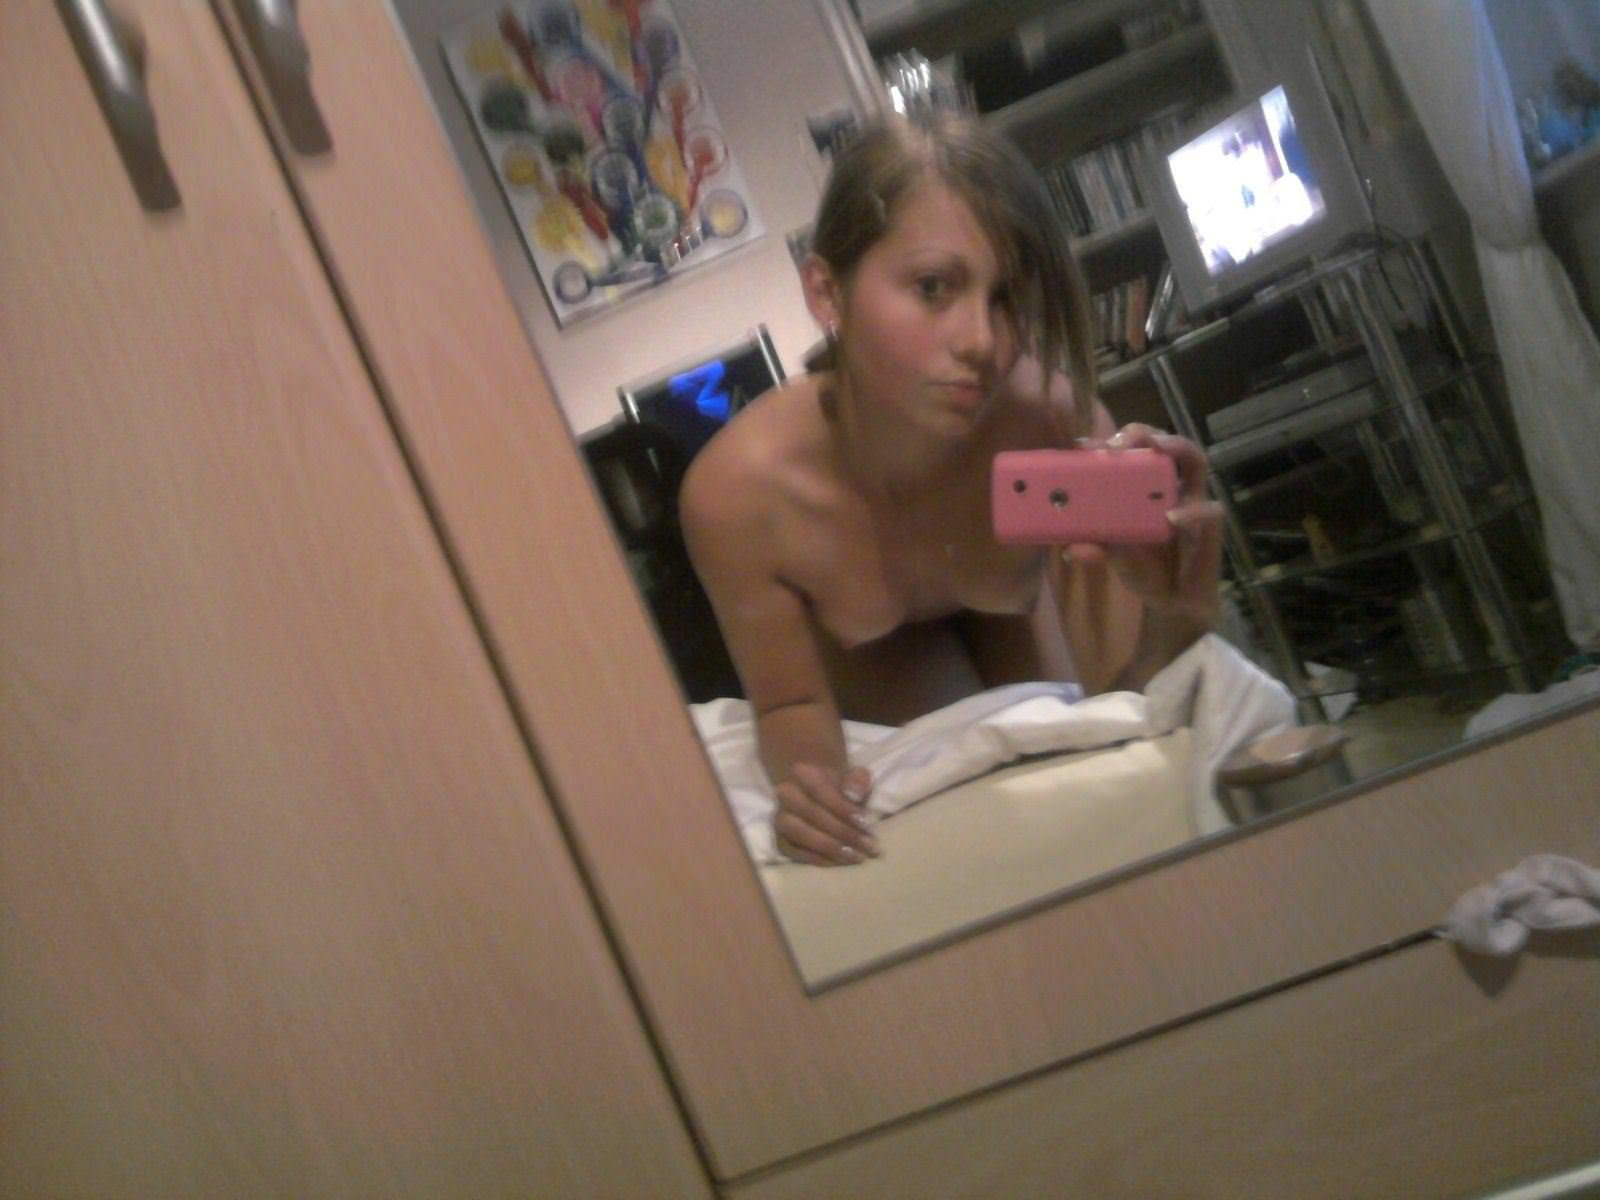 【外人】北欧のちょいブサ素人金髪娘がおっぱいおまんこ自画撮りしてるポルノ画像 16151